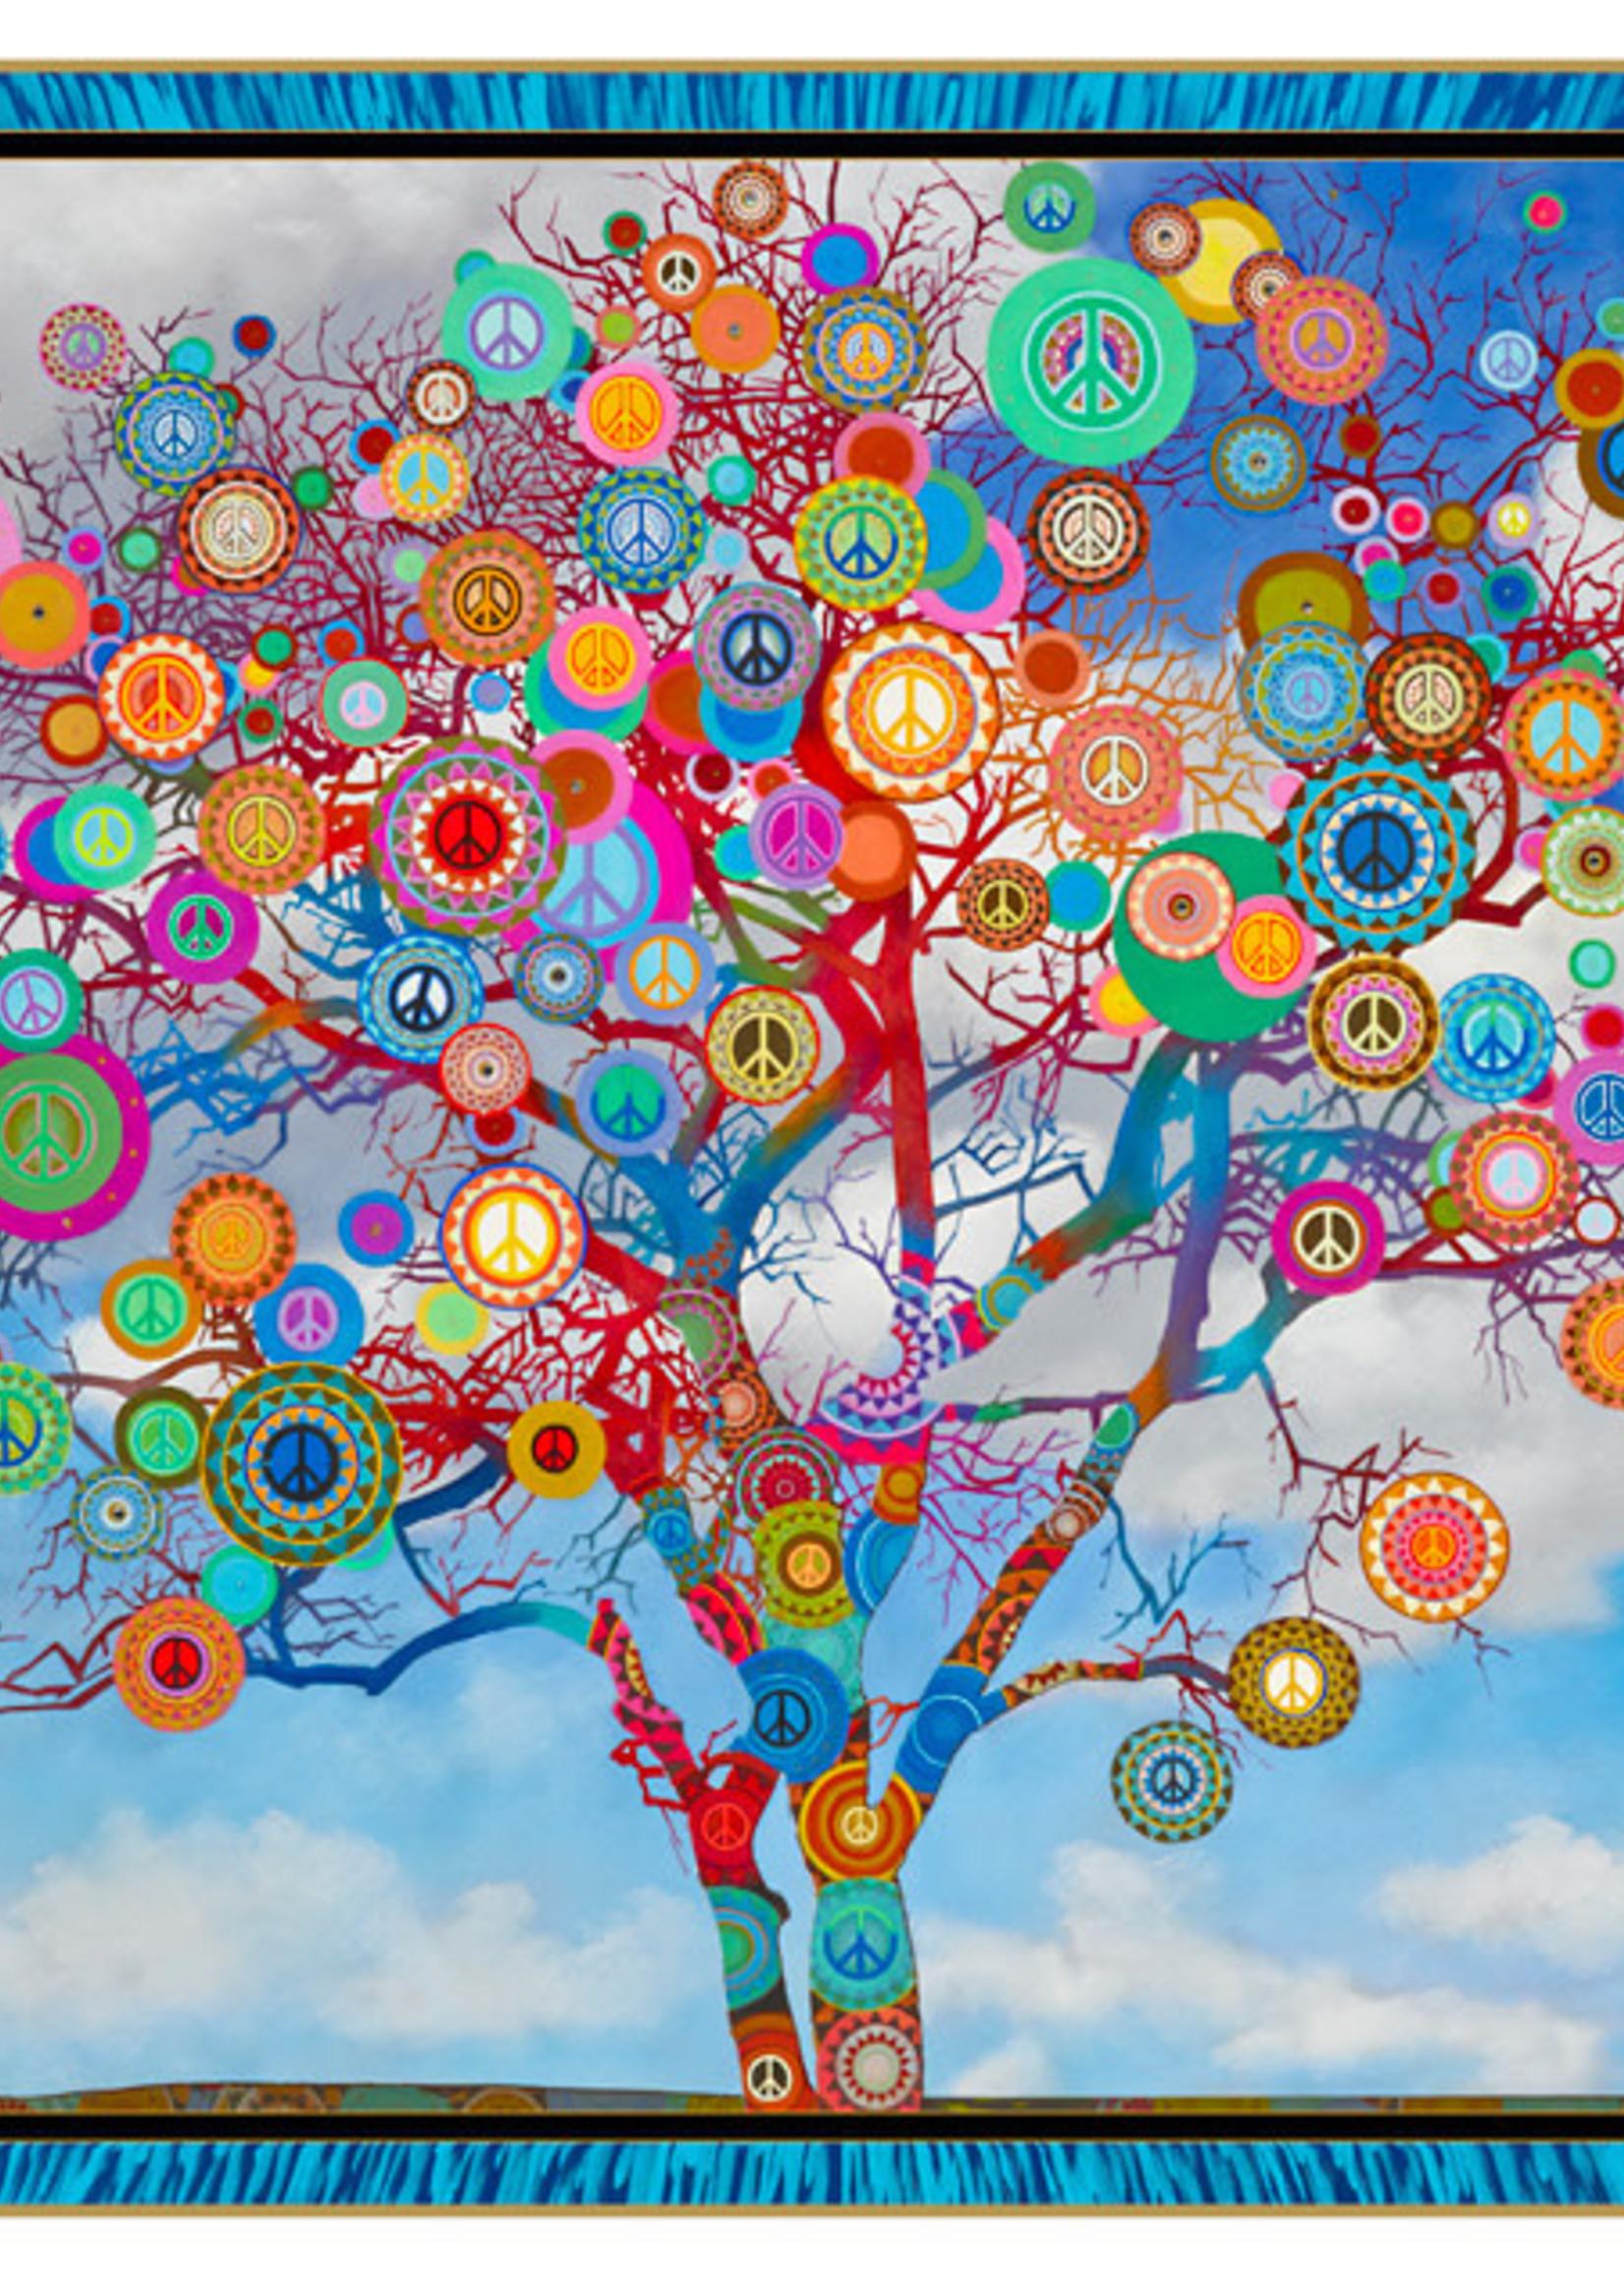 Card BX XMAS Tree Holiday